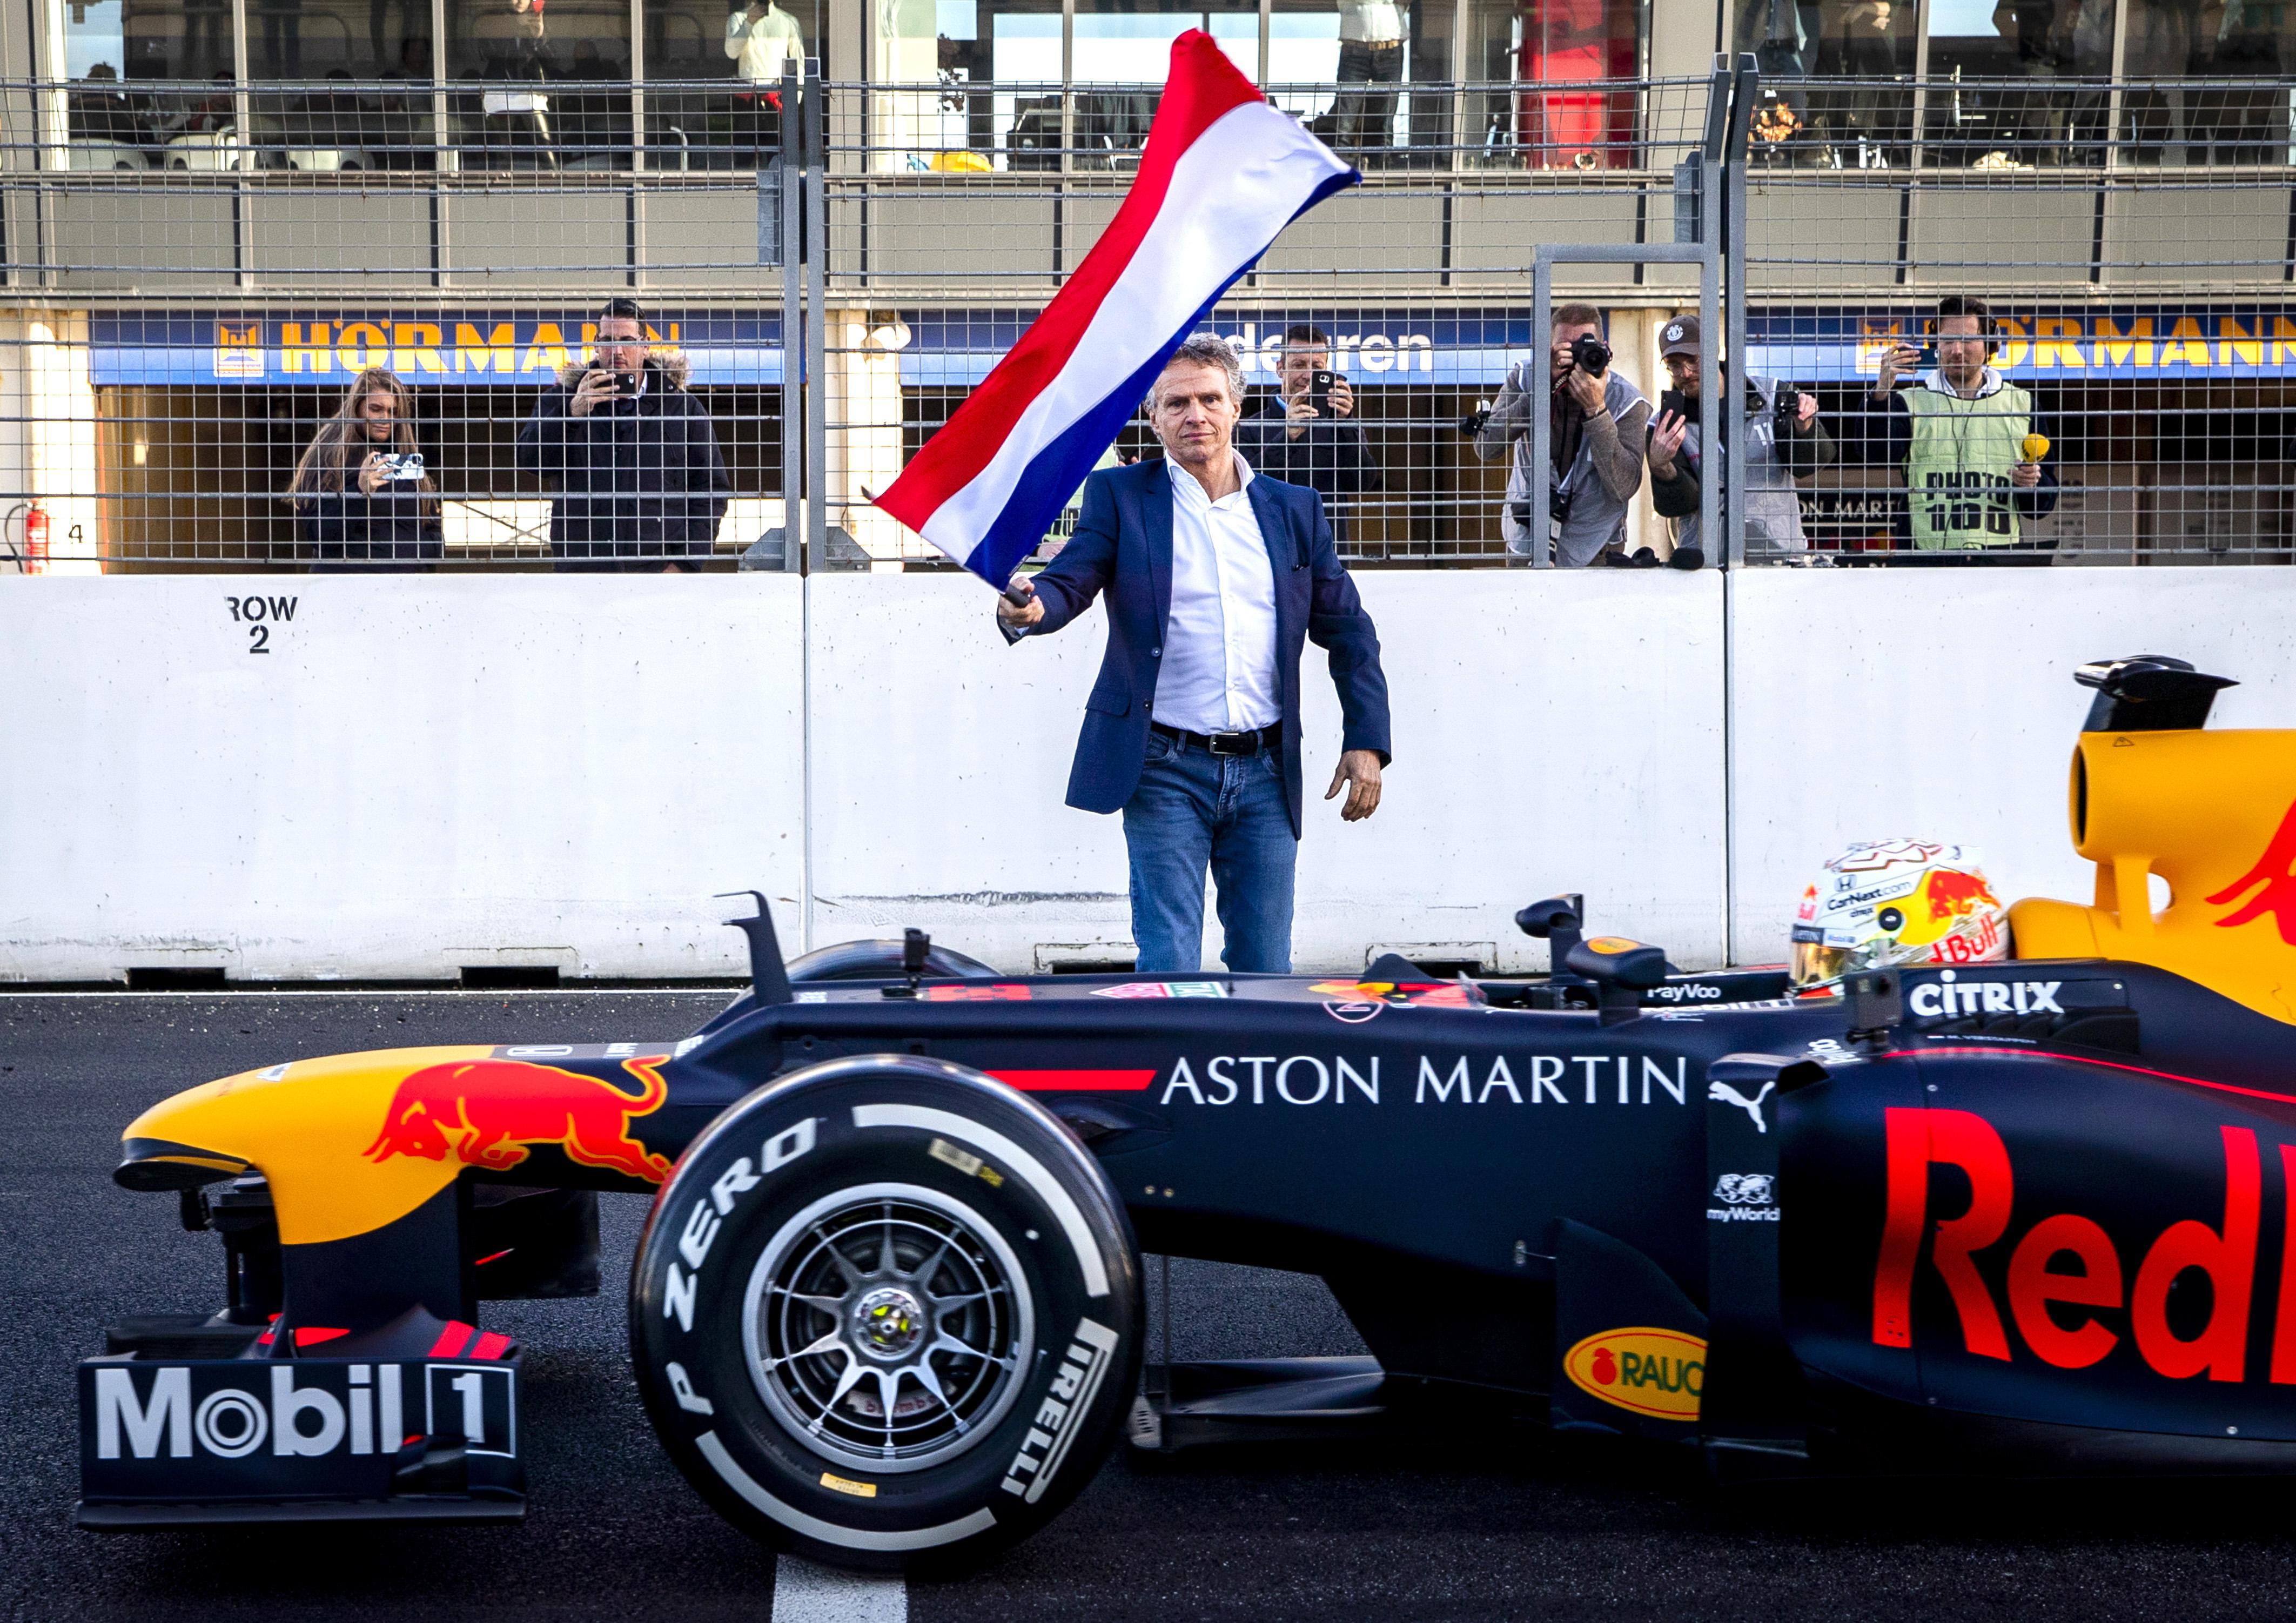 Terugkeer Formule 1 naar Zandvoort op tocht door corona: 'Uiteindelijk hakt burgemeester knoop door'